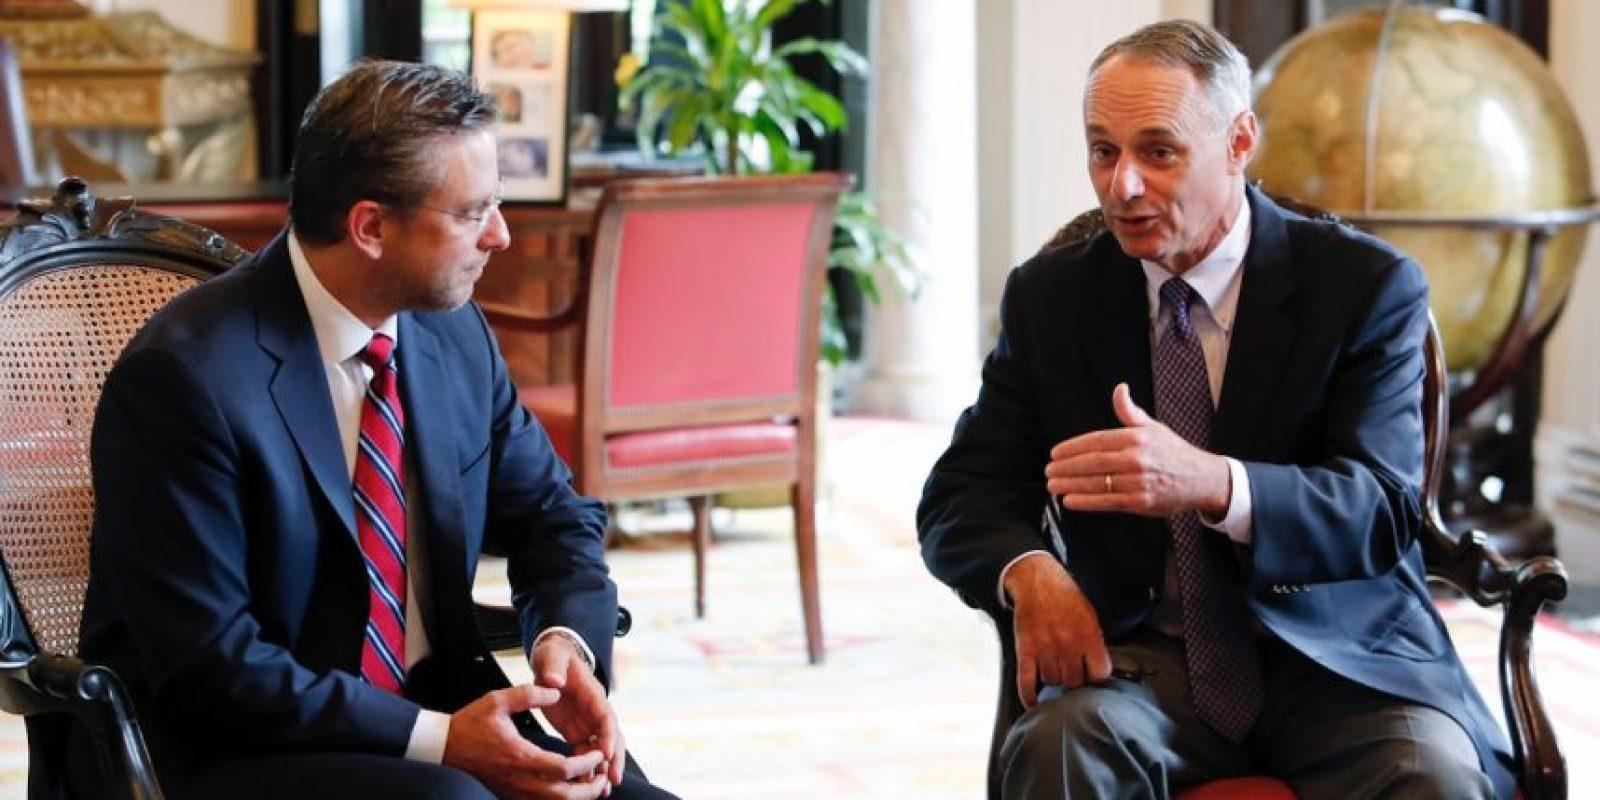 Rob manfred se reunió con el gobernador de Puerto Rico, Alejandro García Padilla. Foto:Suministrada. Imagen Por: